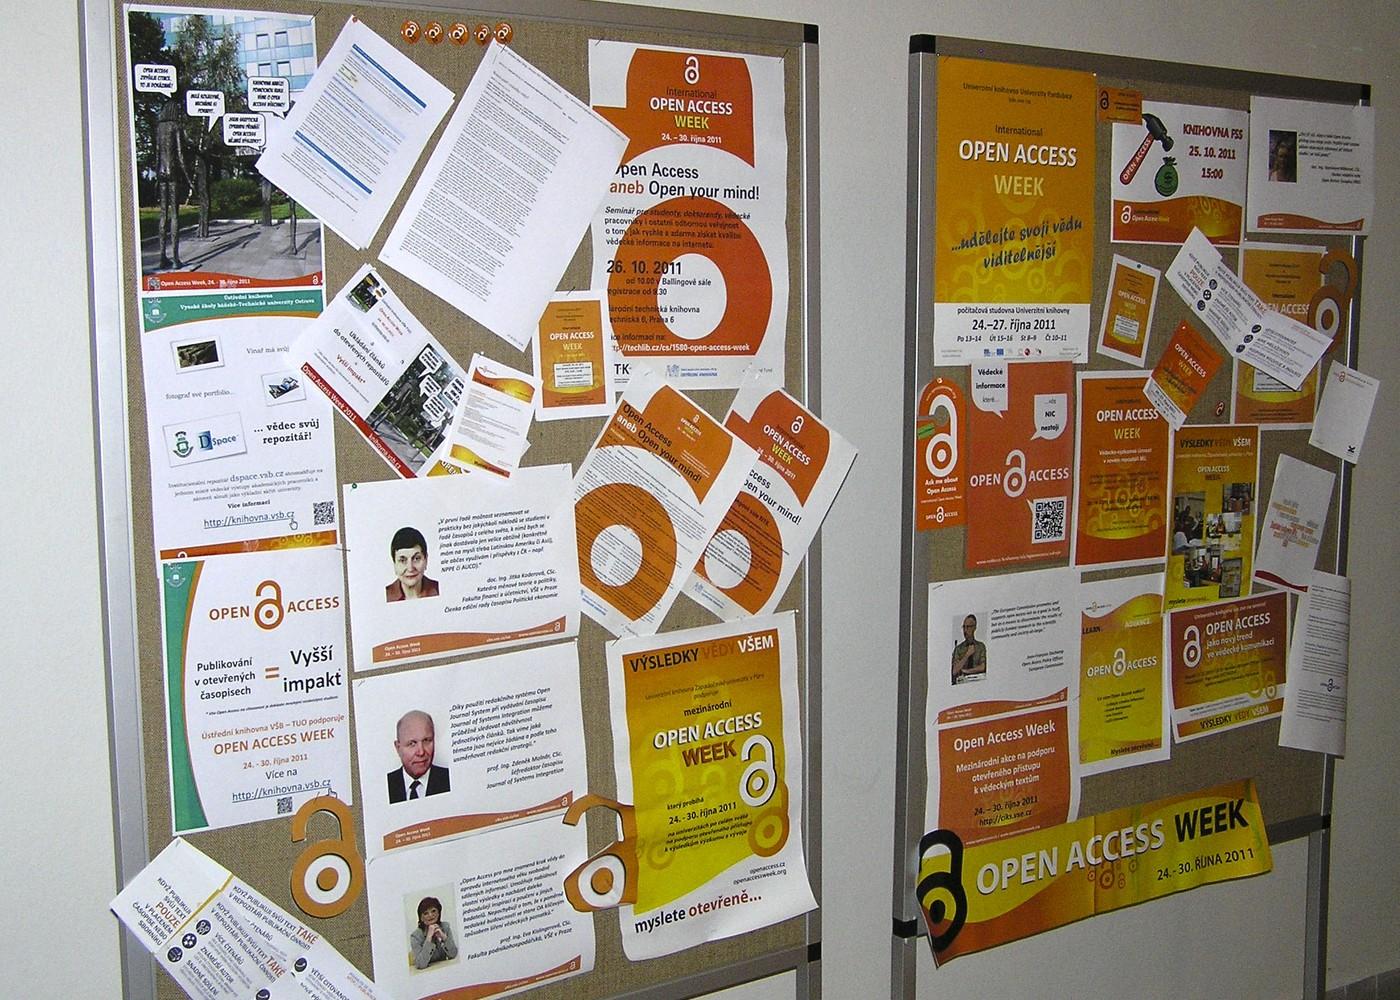 Na konferenci Bibliotheca academica v Českých Budějovicích byly k vidění propagační materiály, které knihovny při OAWeek využily